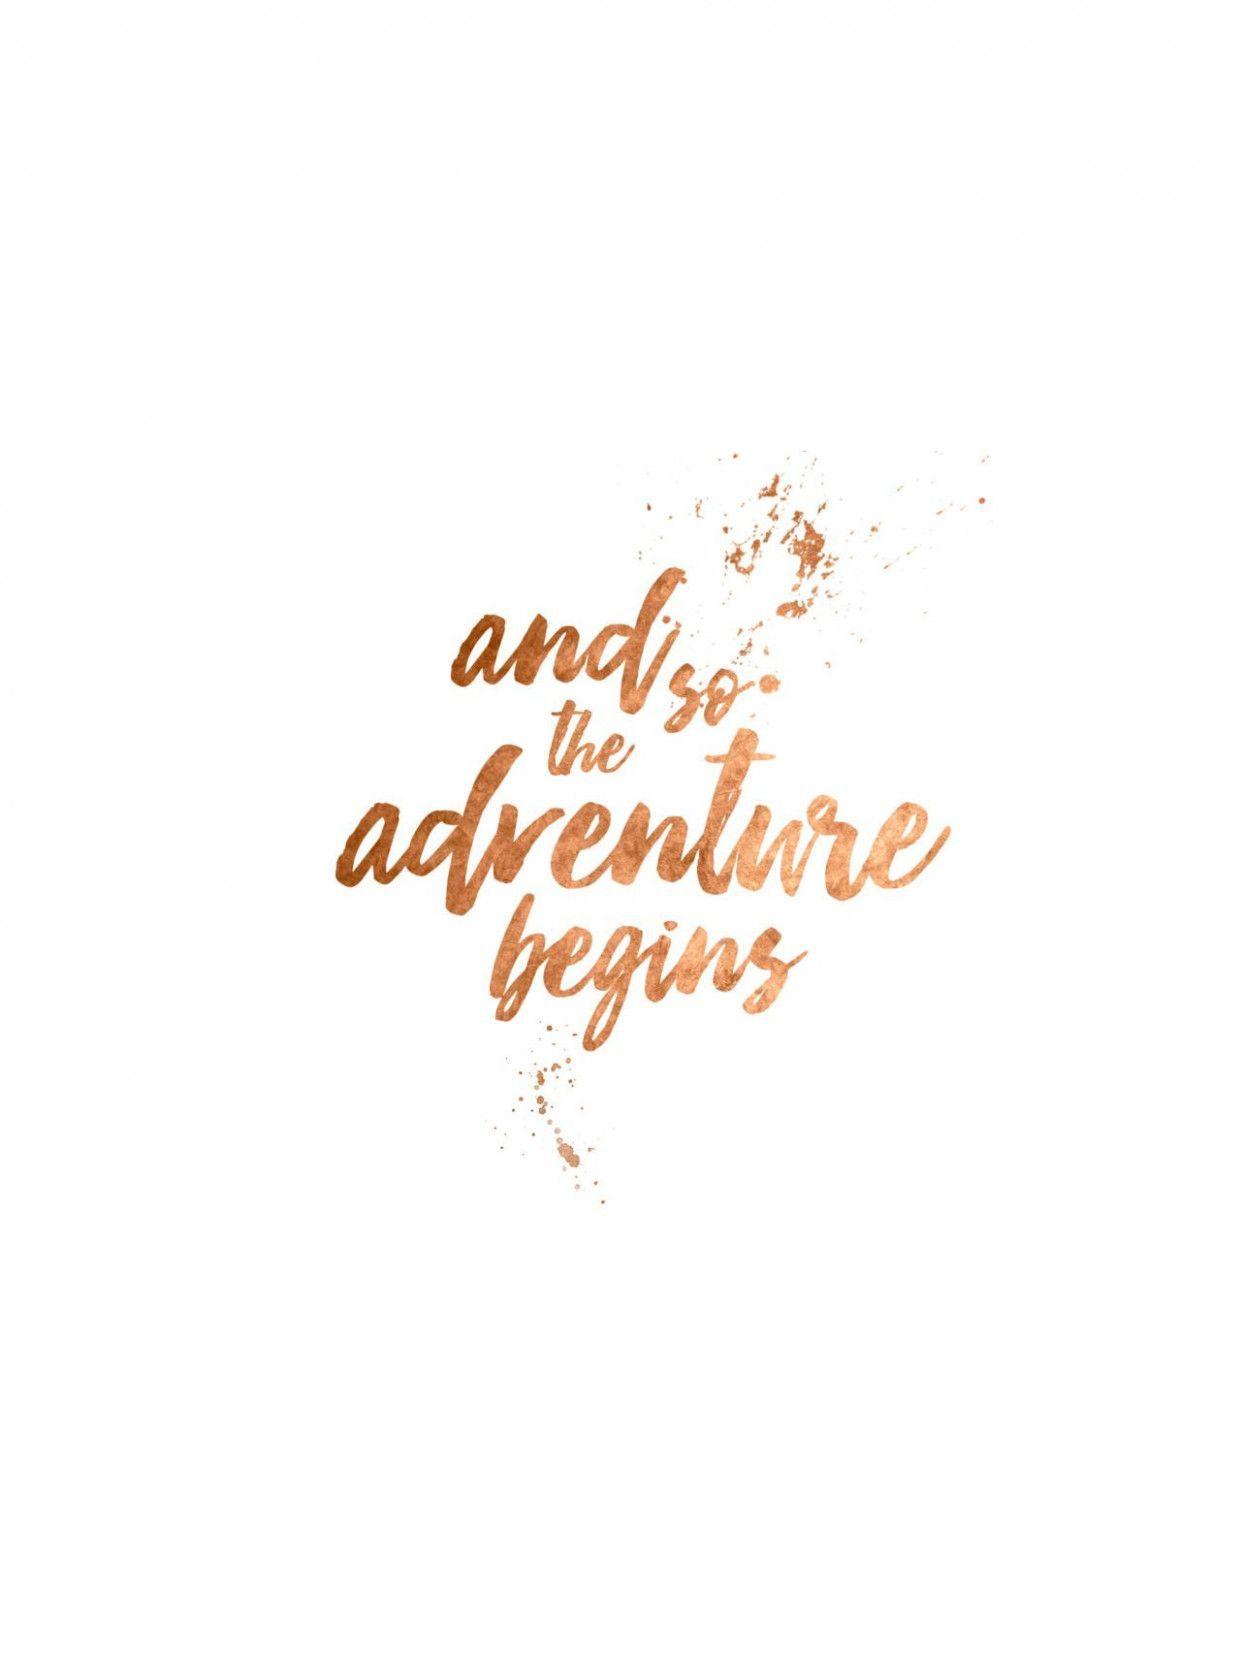 Goldene Hochzeitsspruche Englisch In 2020 Best Inspirational Quotes Instagram Quotes Travel Quotes